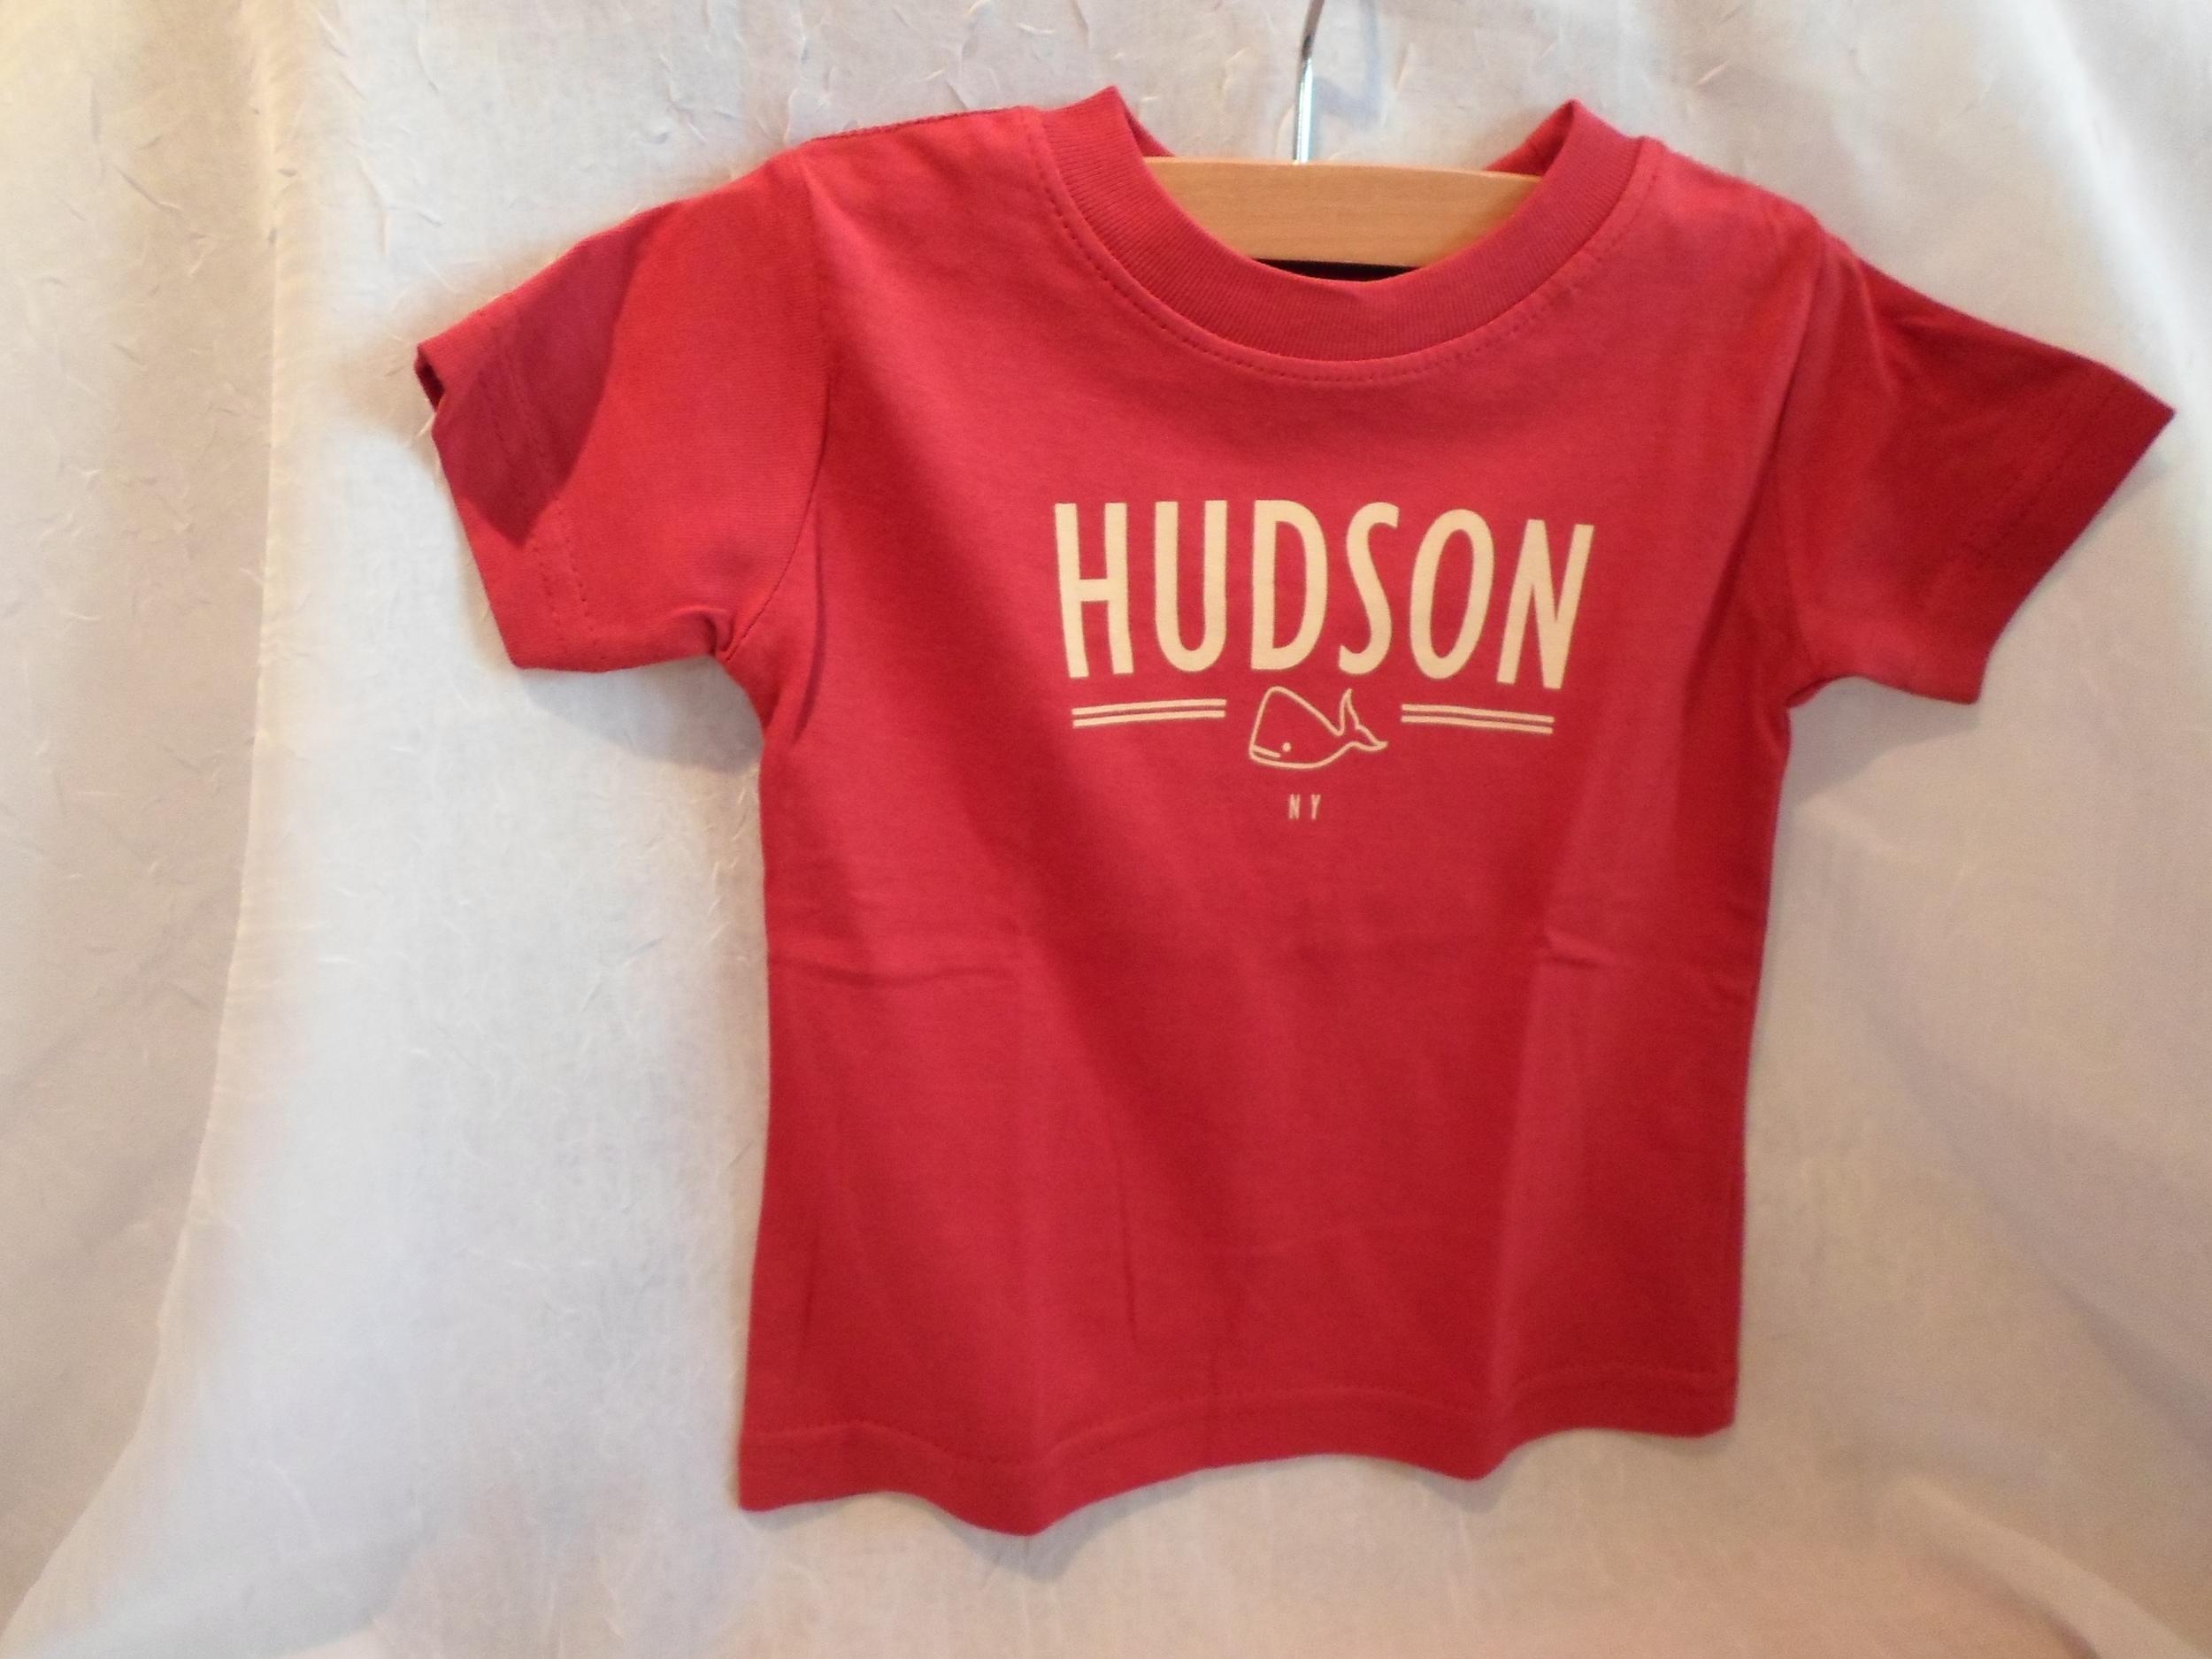 Hudson Tee Shirt    $15.00 ea    Wants 2